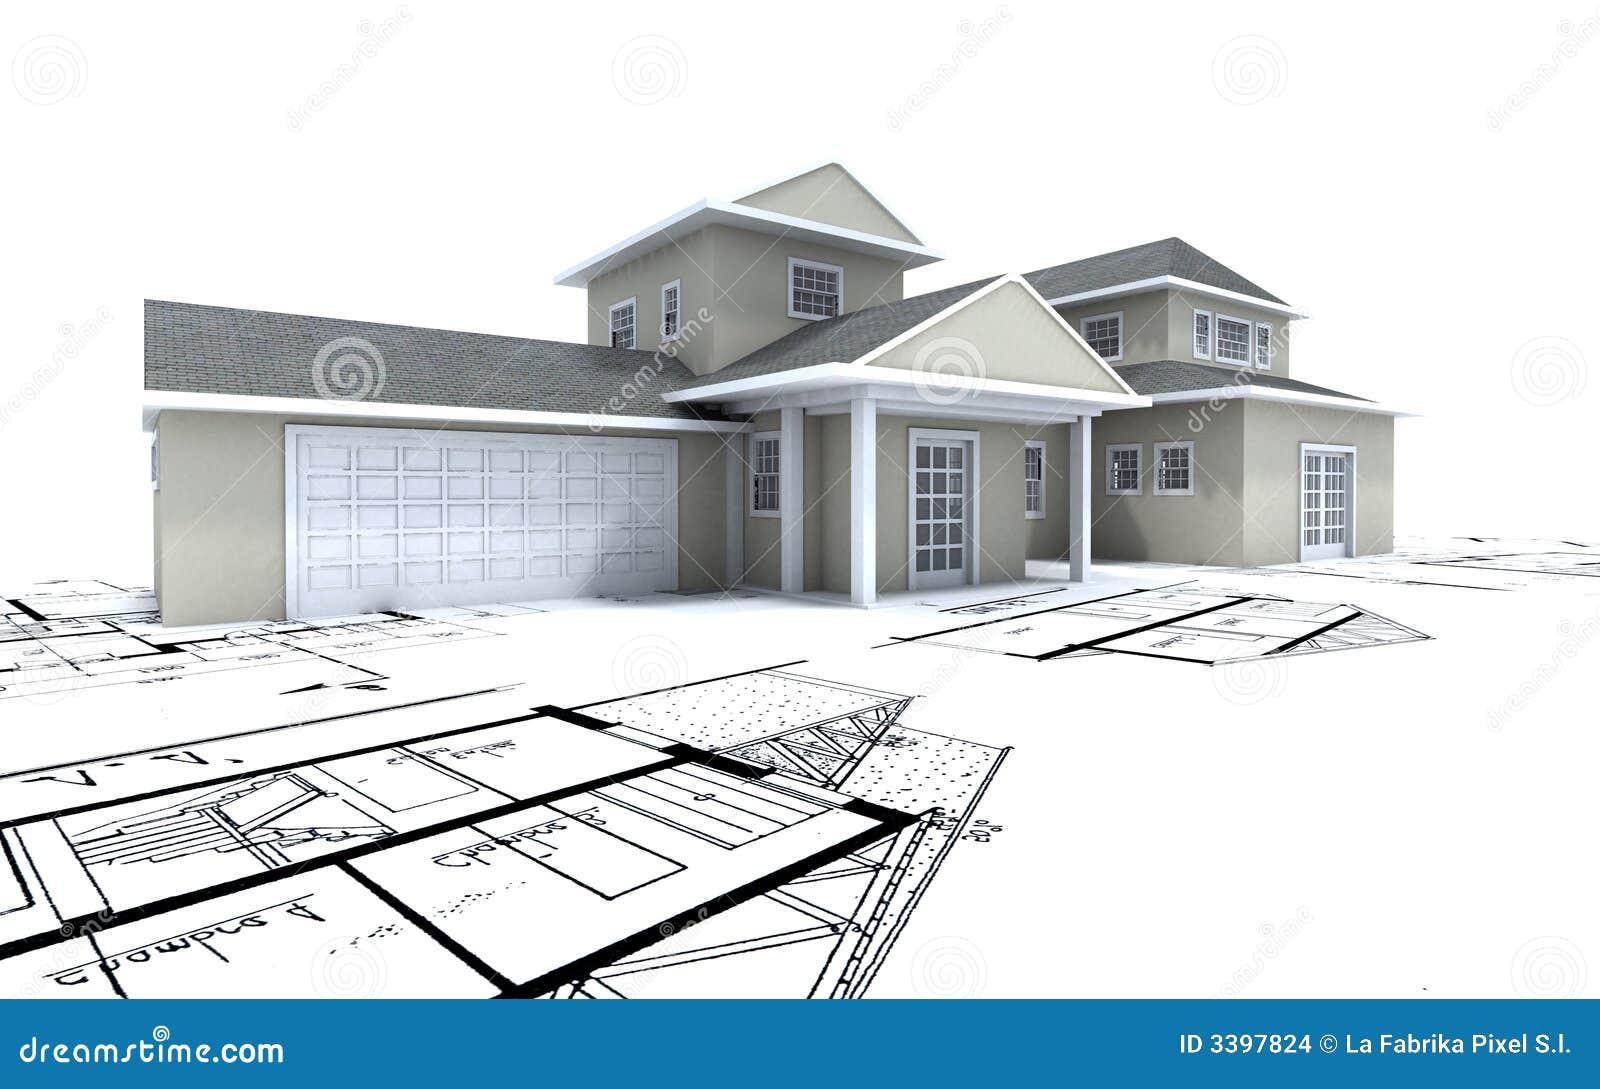 Casa costosa con el garage encendido